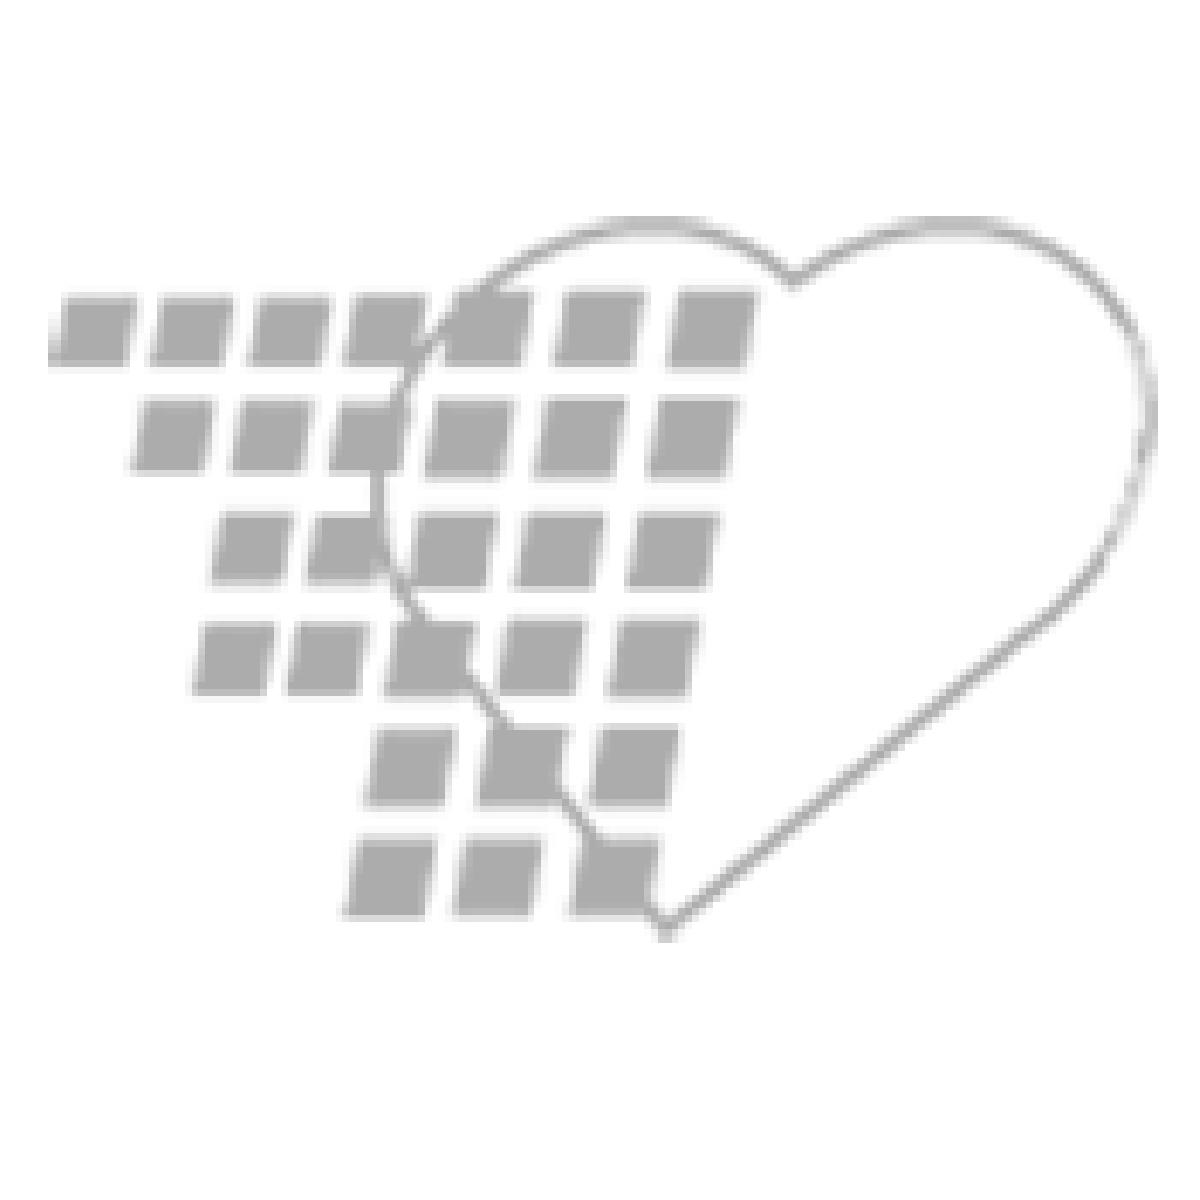 02-38-9801 Assure® Lance Lockout Safety Lancets - 21G